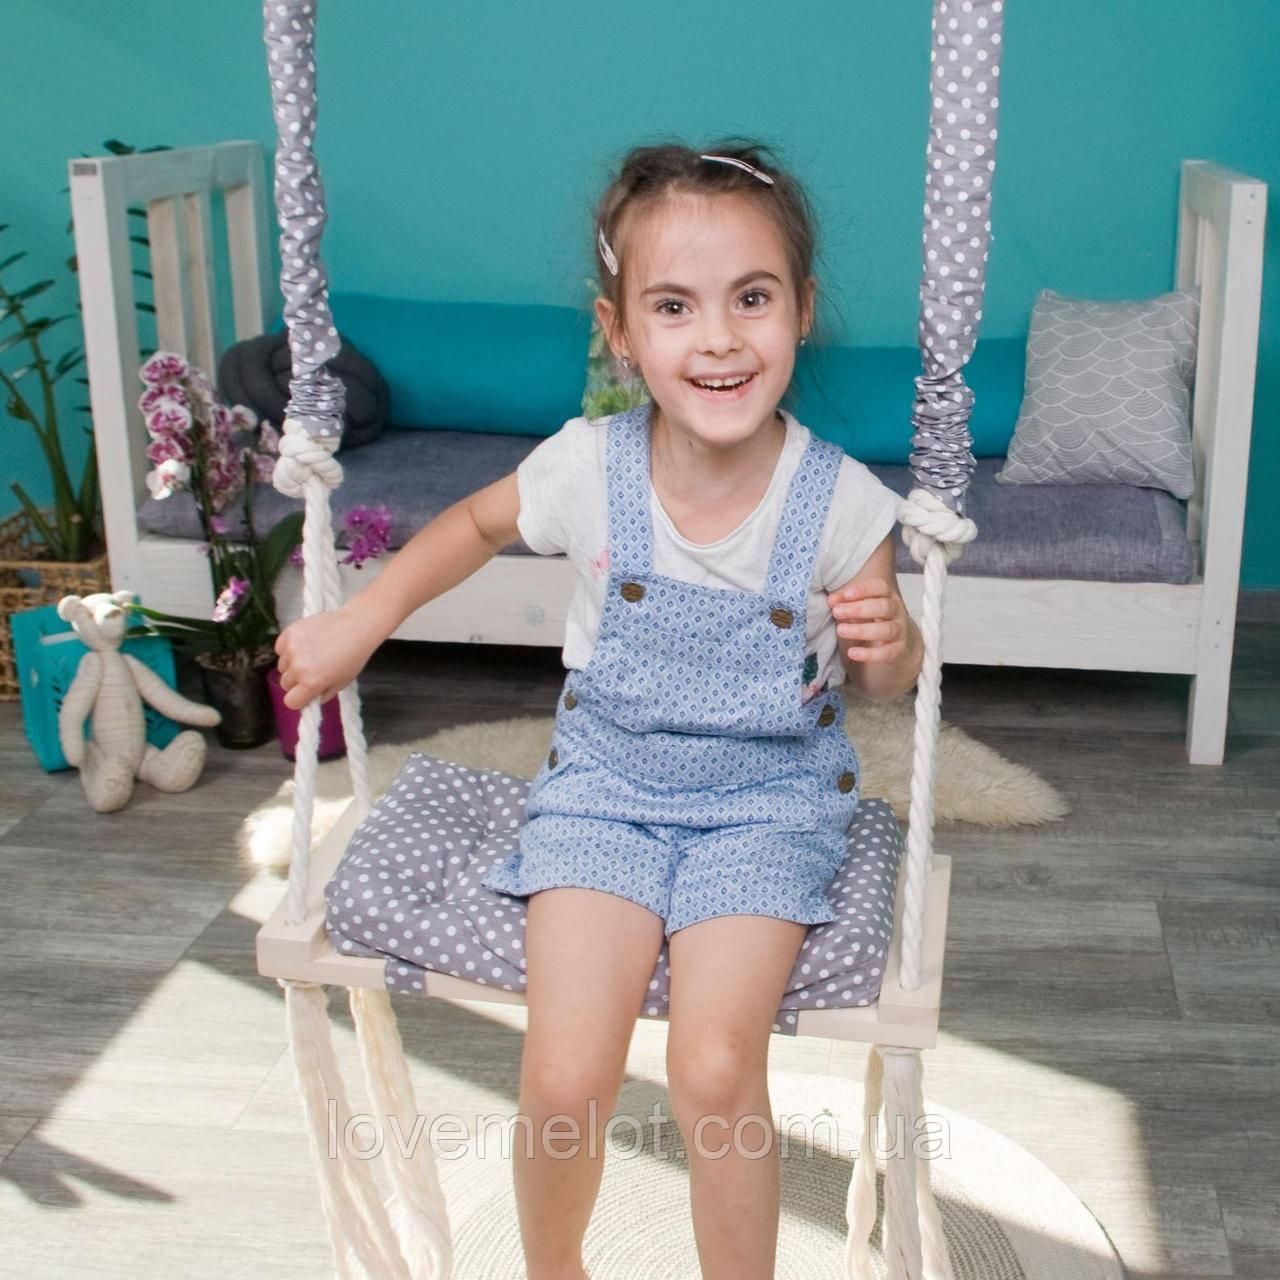 Маленькая деревянная подвесная качель 20*50см со сьемным сиденьем, качель для девочки, качелька